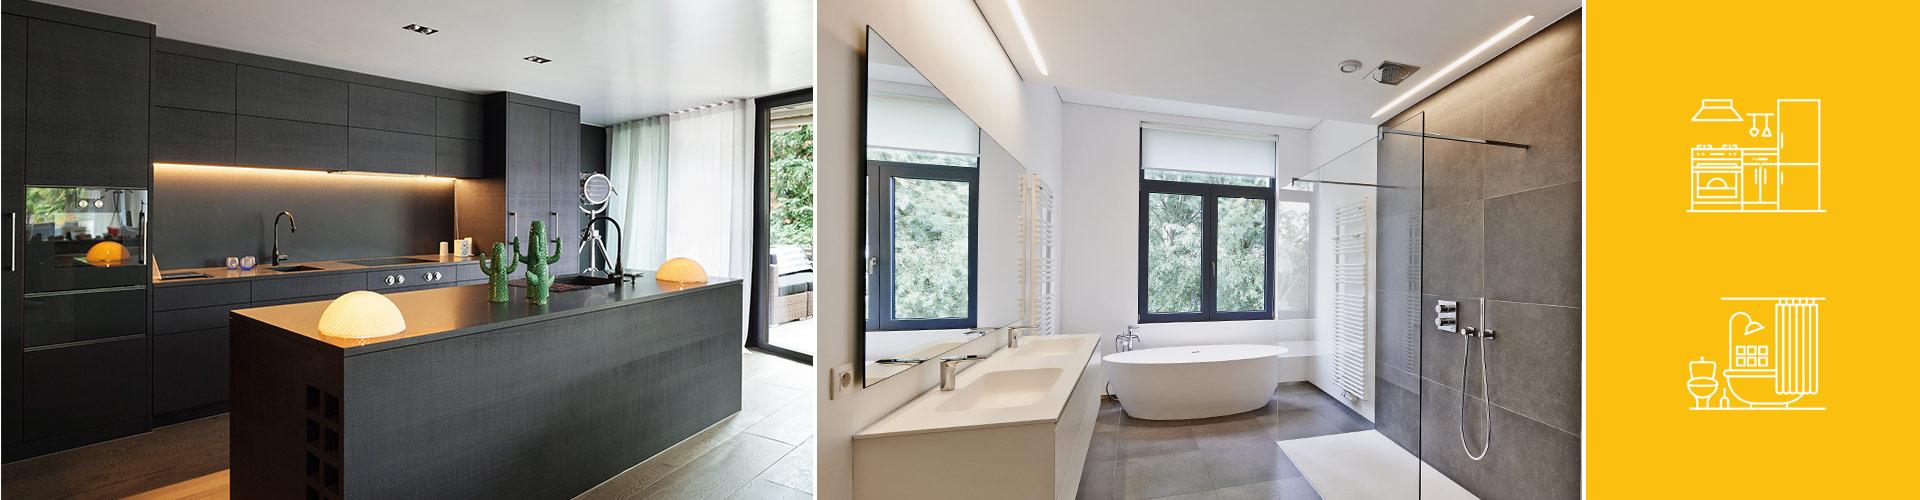 Rénovation salle de bain Lyon et cuisine | Lyon Rénovation